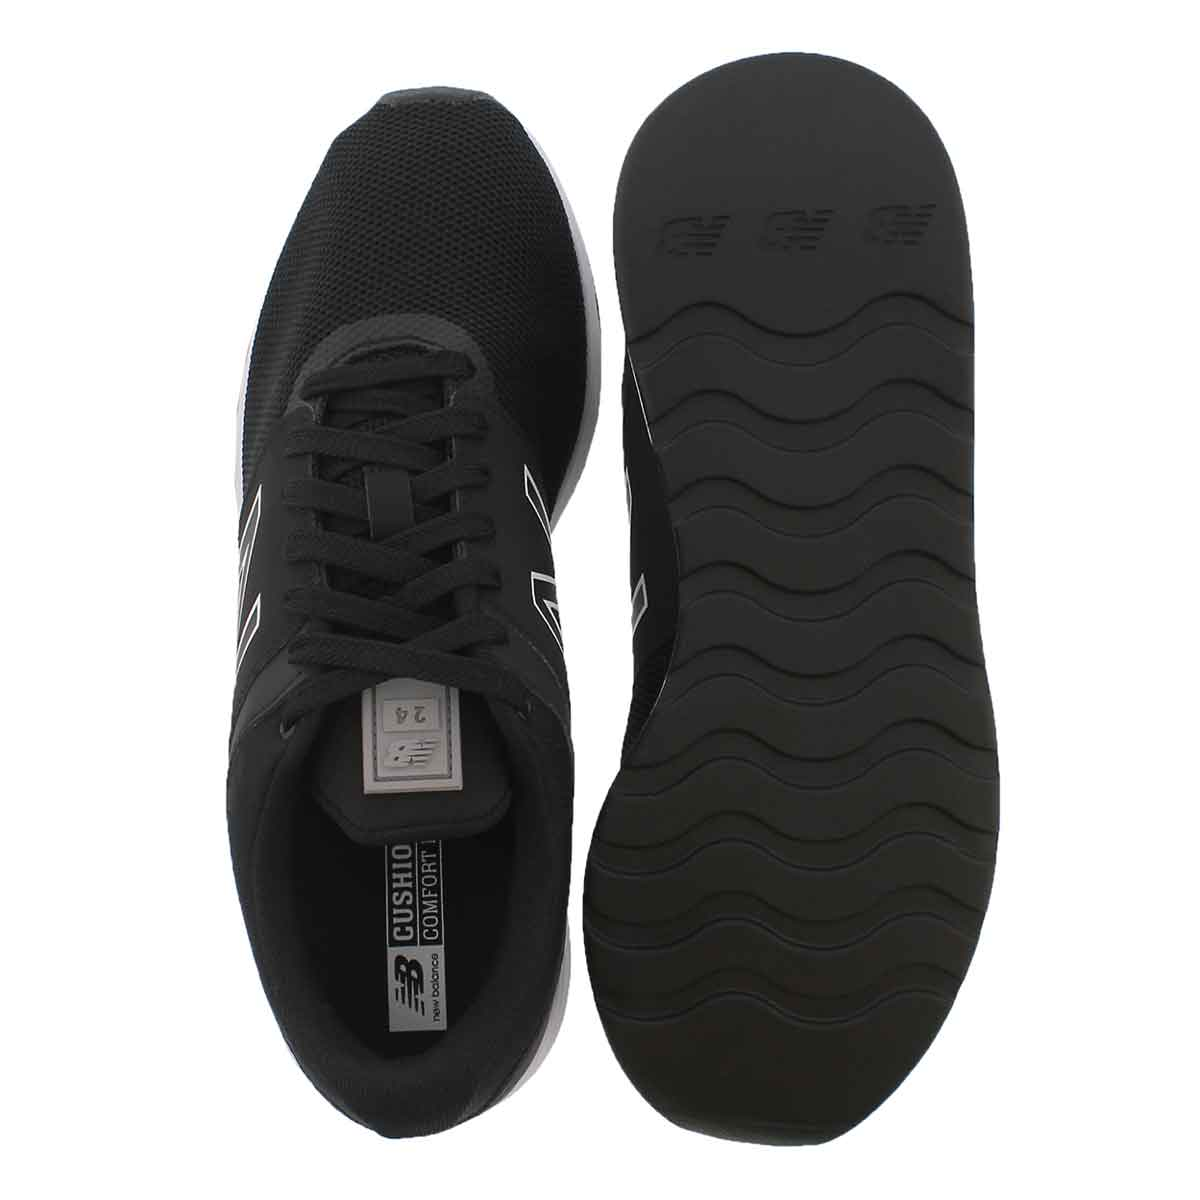 Mns 24 black/steel lace up sneaker